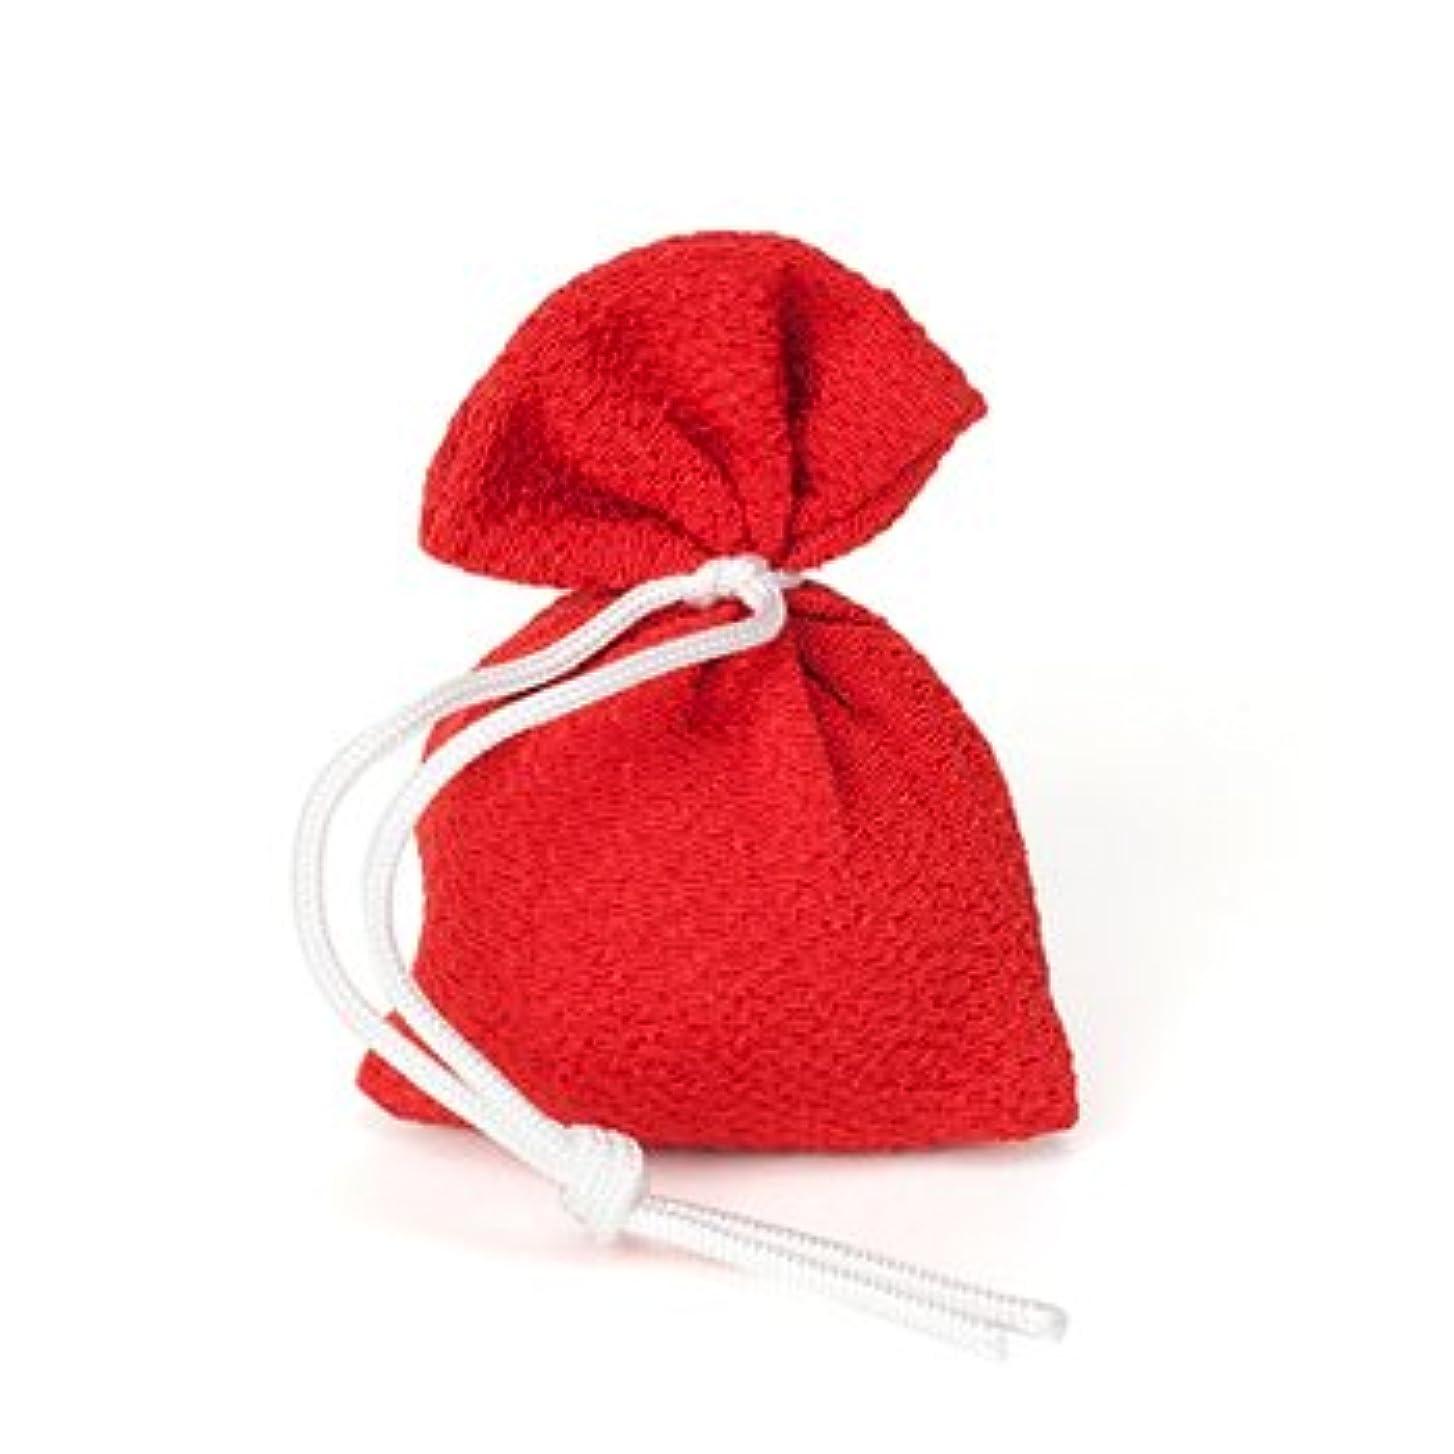 吸収剤芽に対処する松栄堂 匂い袋 誰が袖 上品(無地) 1個入 (色をお選びください) (赤)